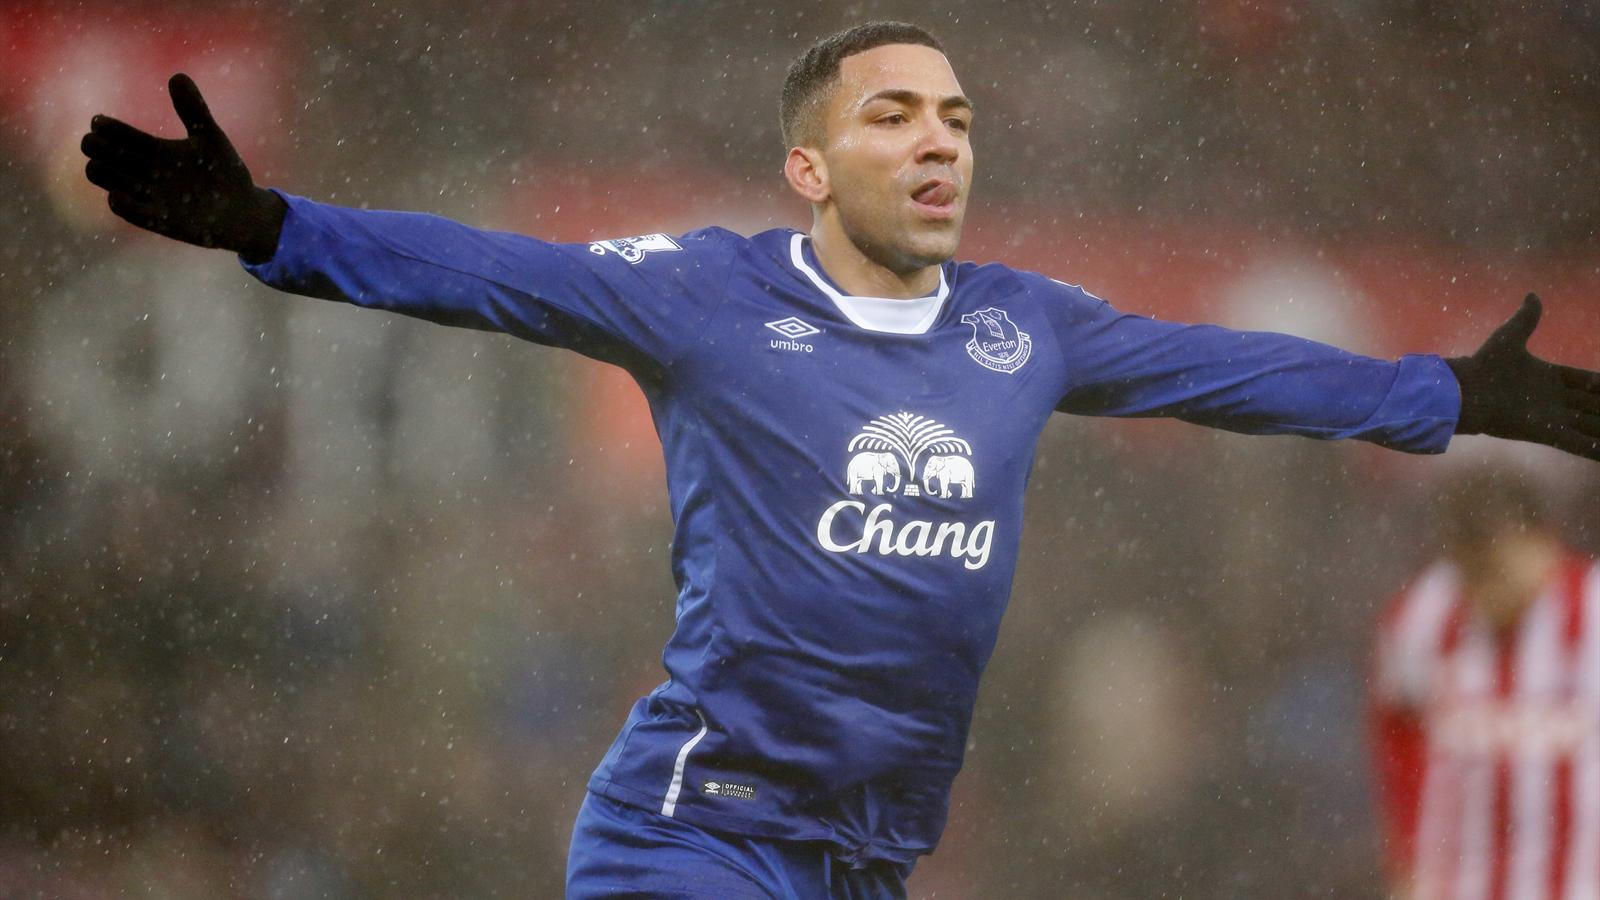 Aaron Lennon celebrates scoring for Everton against Stoke